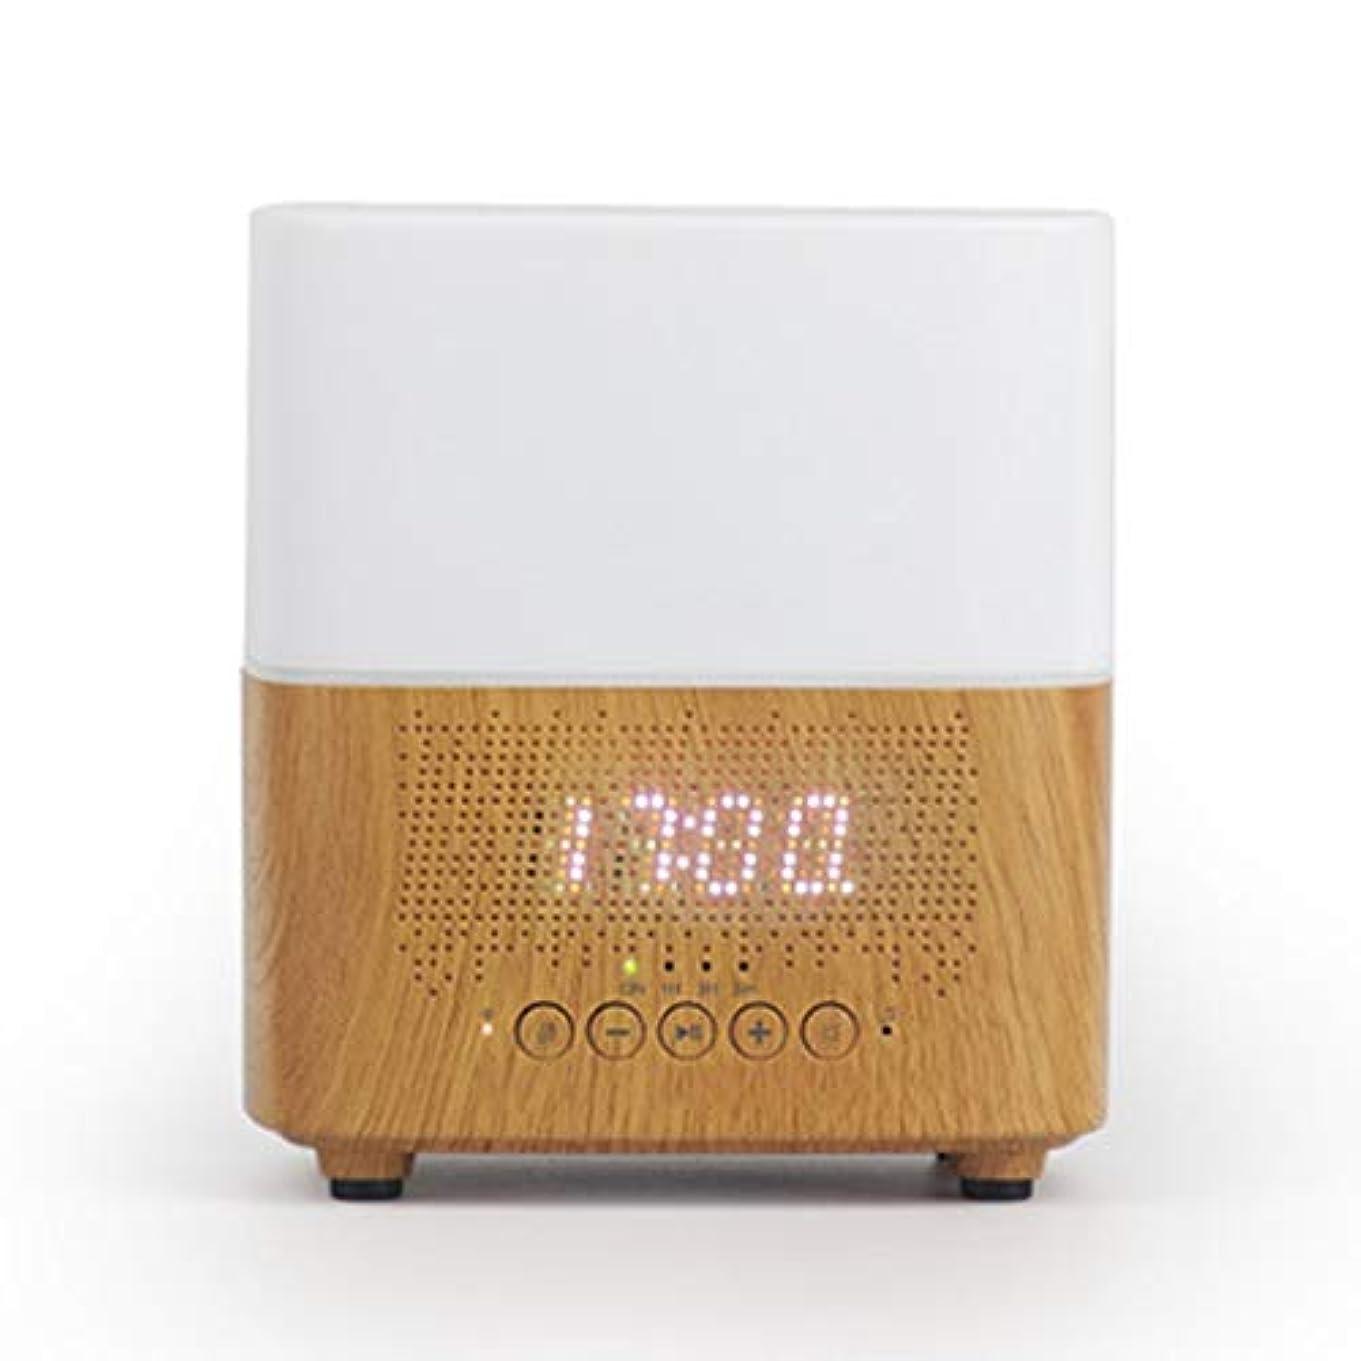 区別する転用居間ブルートゥースのスピーカー機械LED時計の目覚まし時計の夜ライト加湿器 (Color : White)